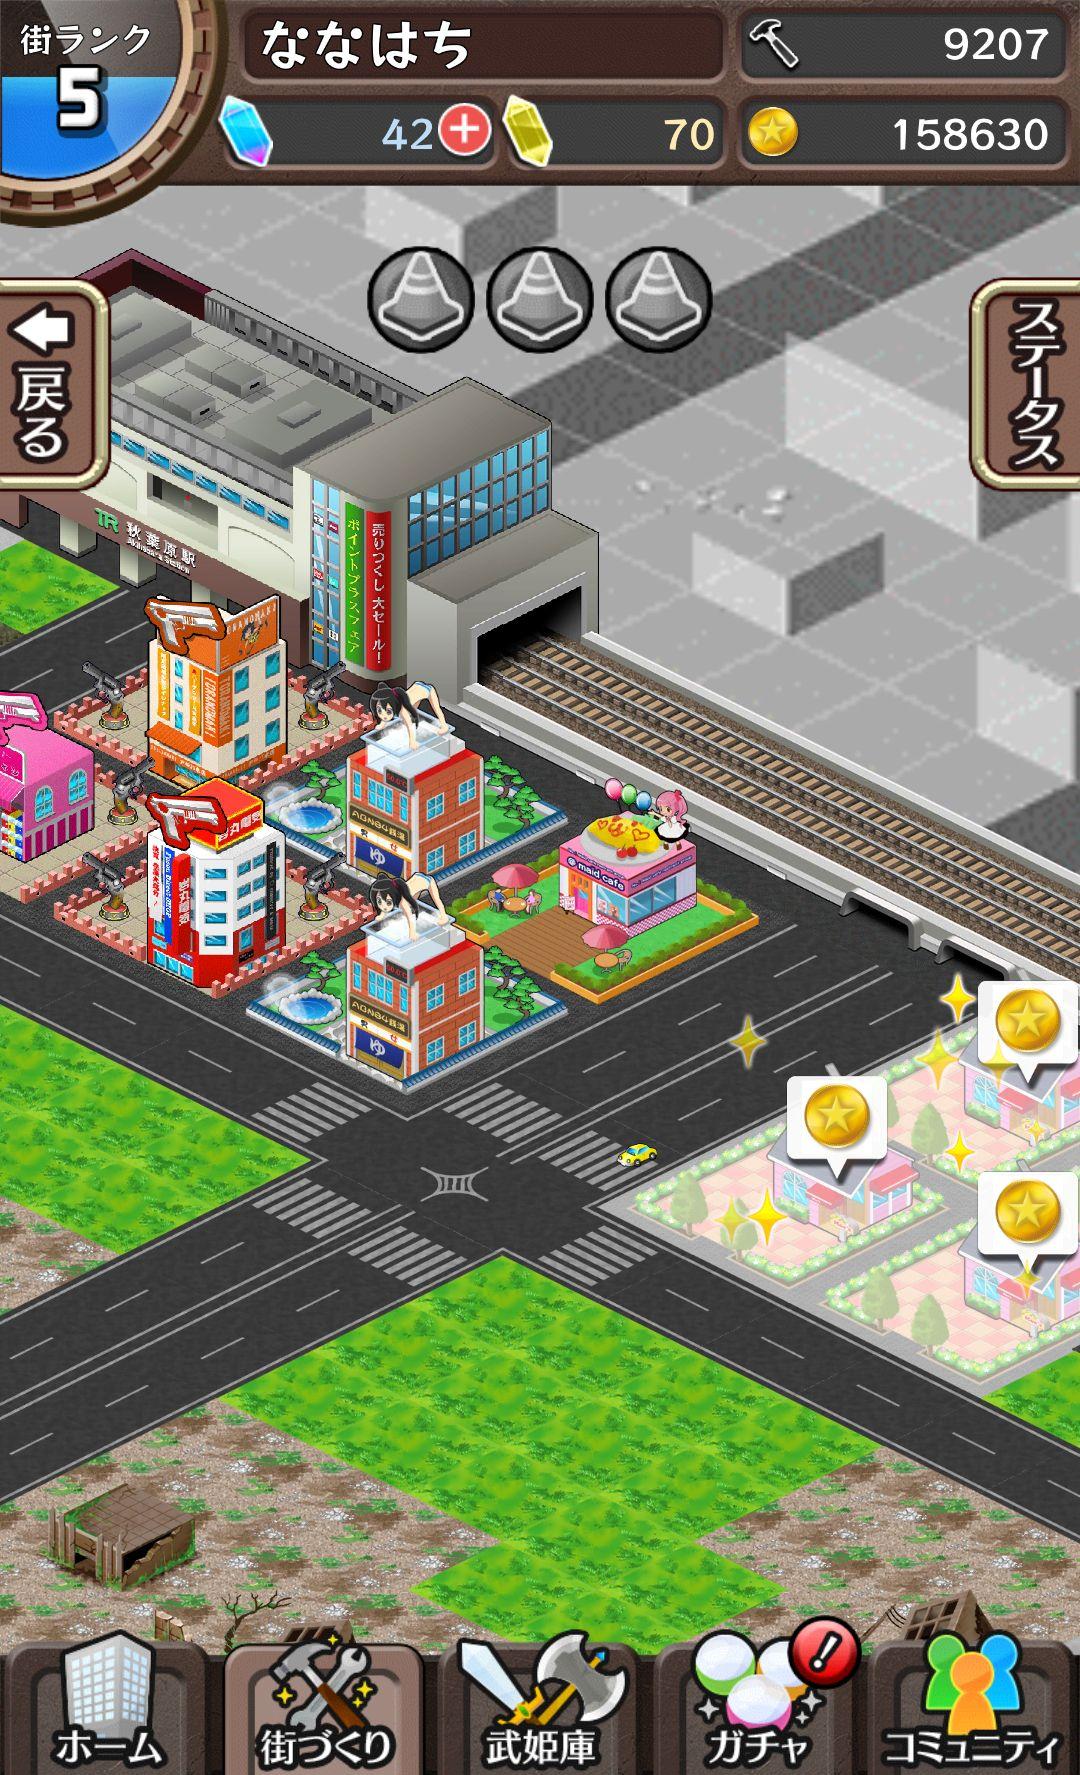 東京ダンジョンRPG ひめローグっ! androidアプリスクリーンショット2